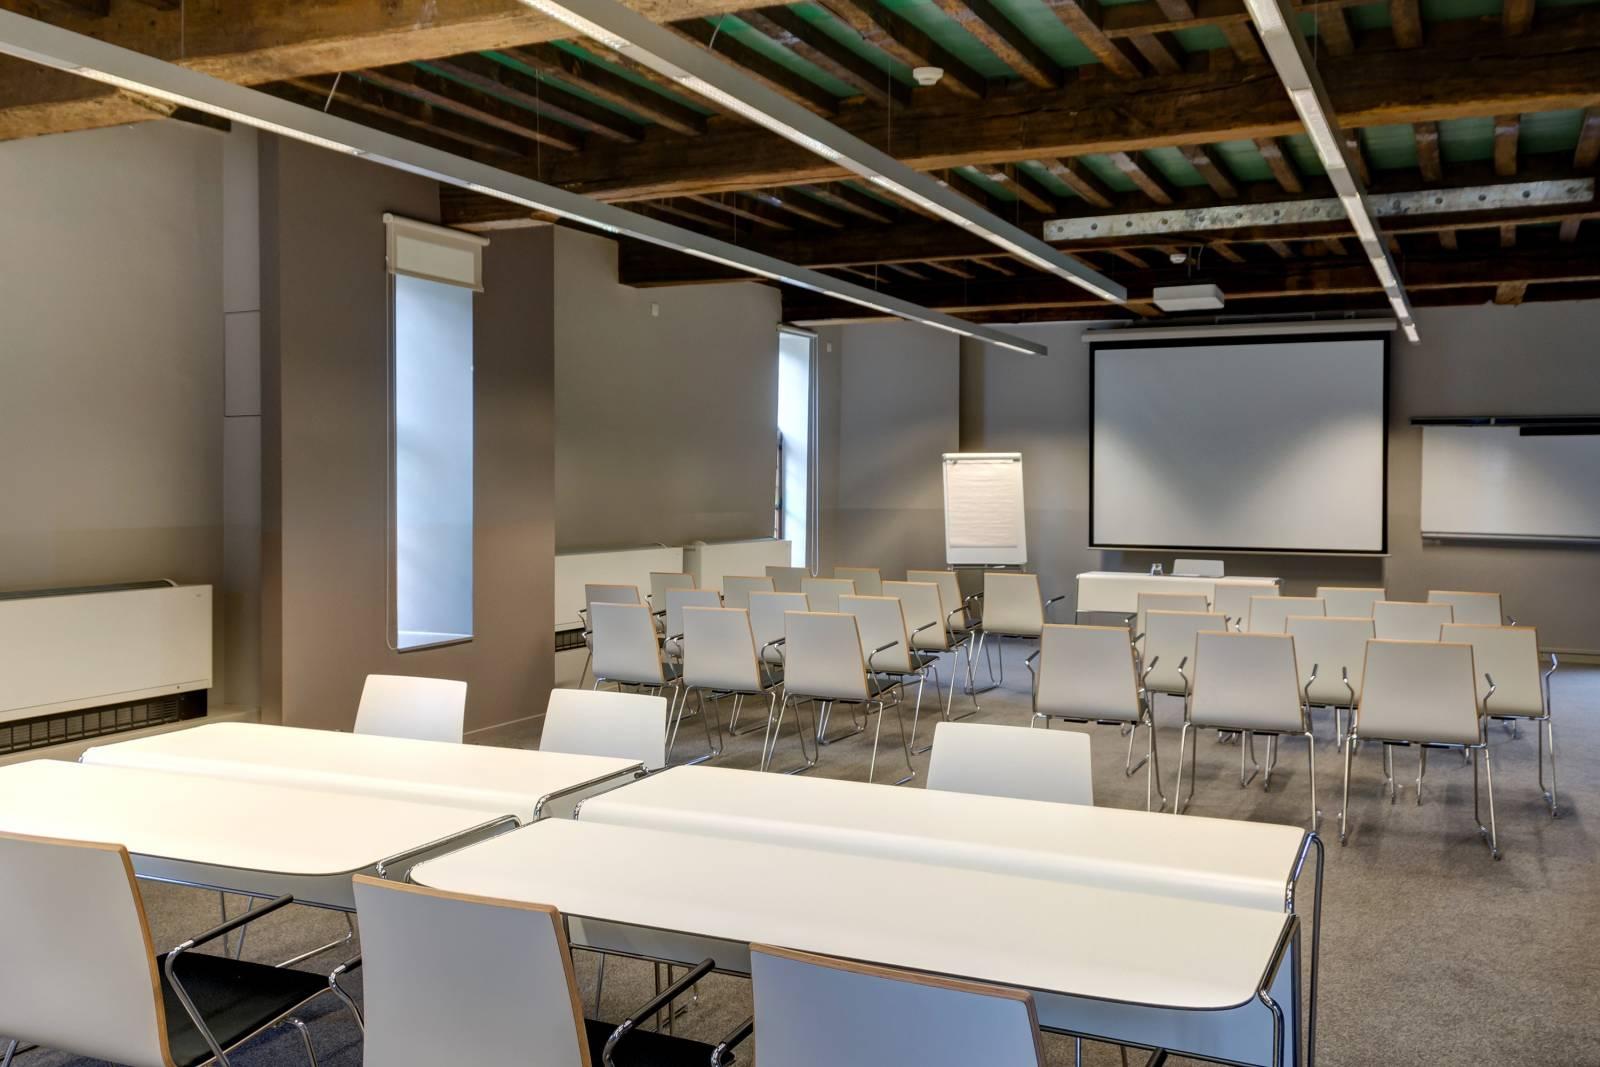 Faculty Club - Feestzaal - Feestlocatie - Rustiek - Historisch - Leuven (Vlaams-Brabant) - House of Events - 75